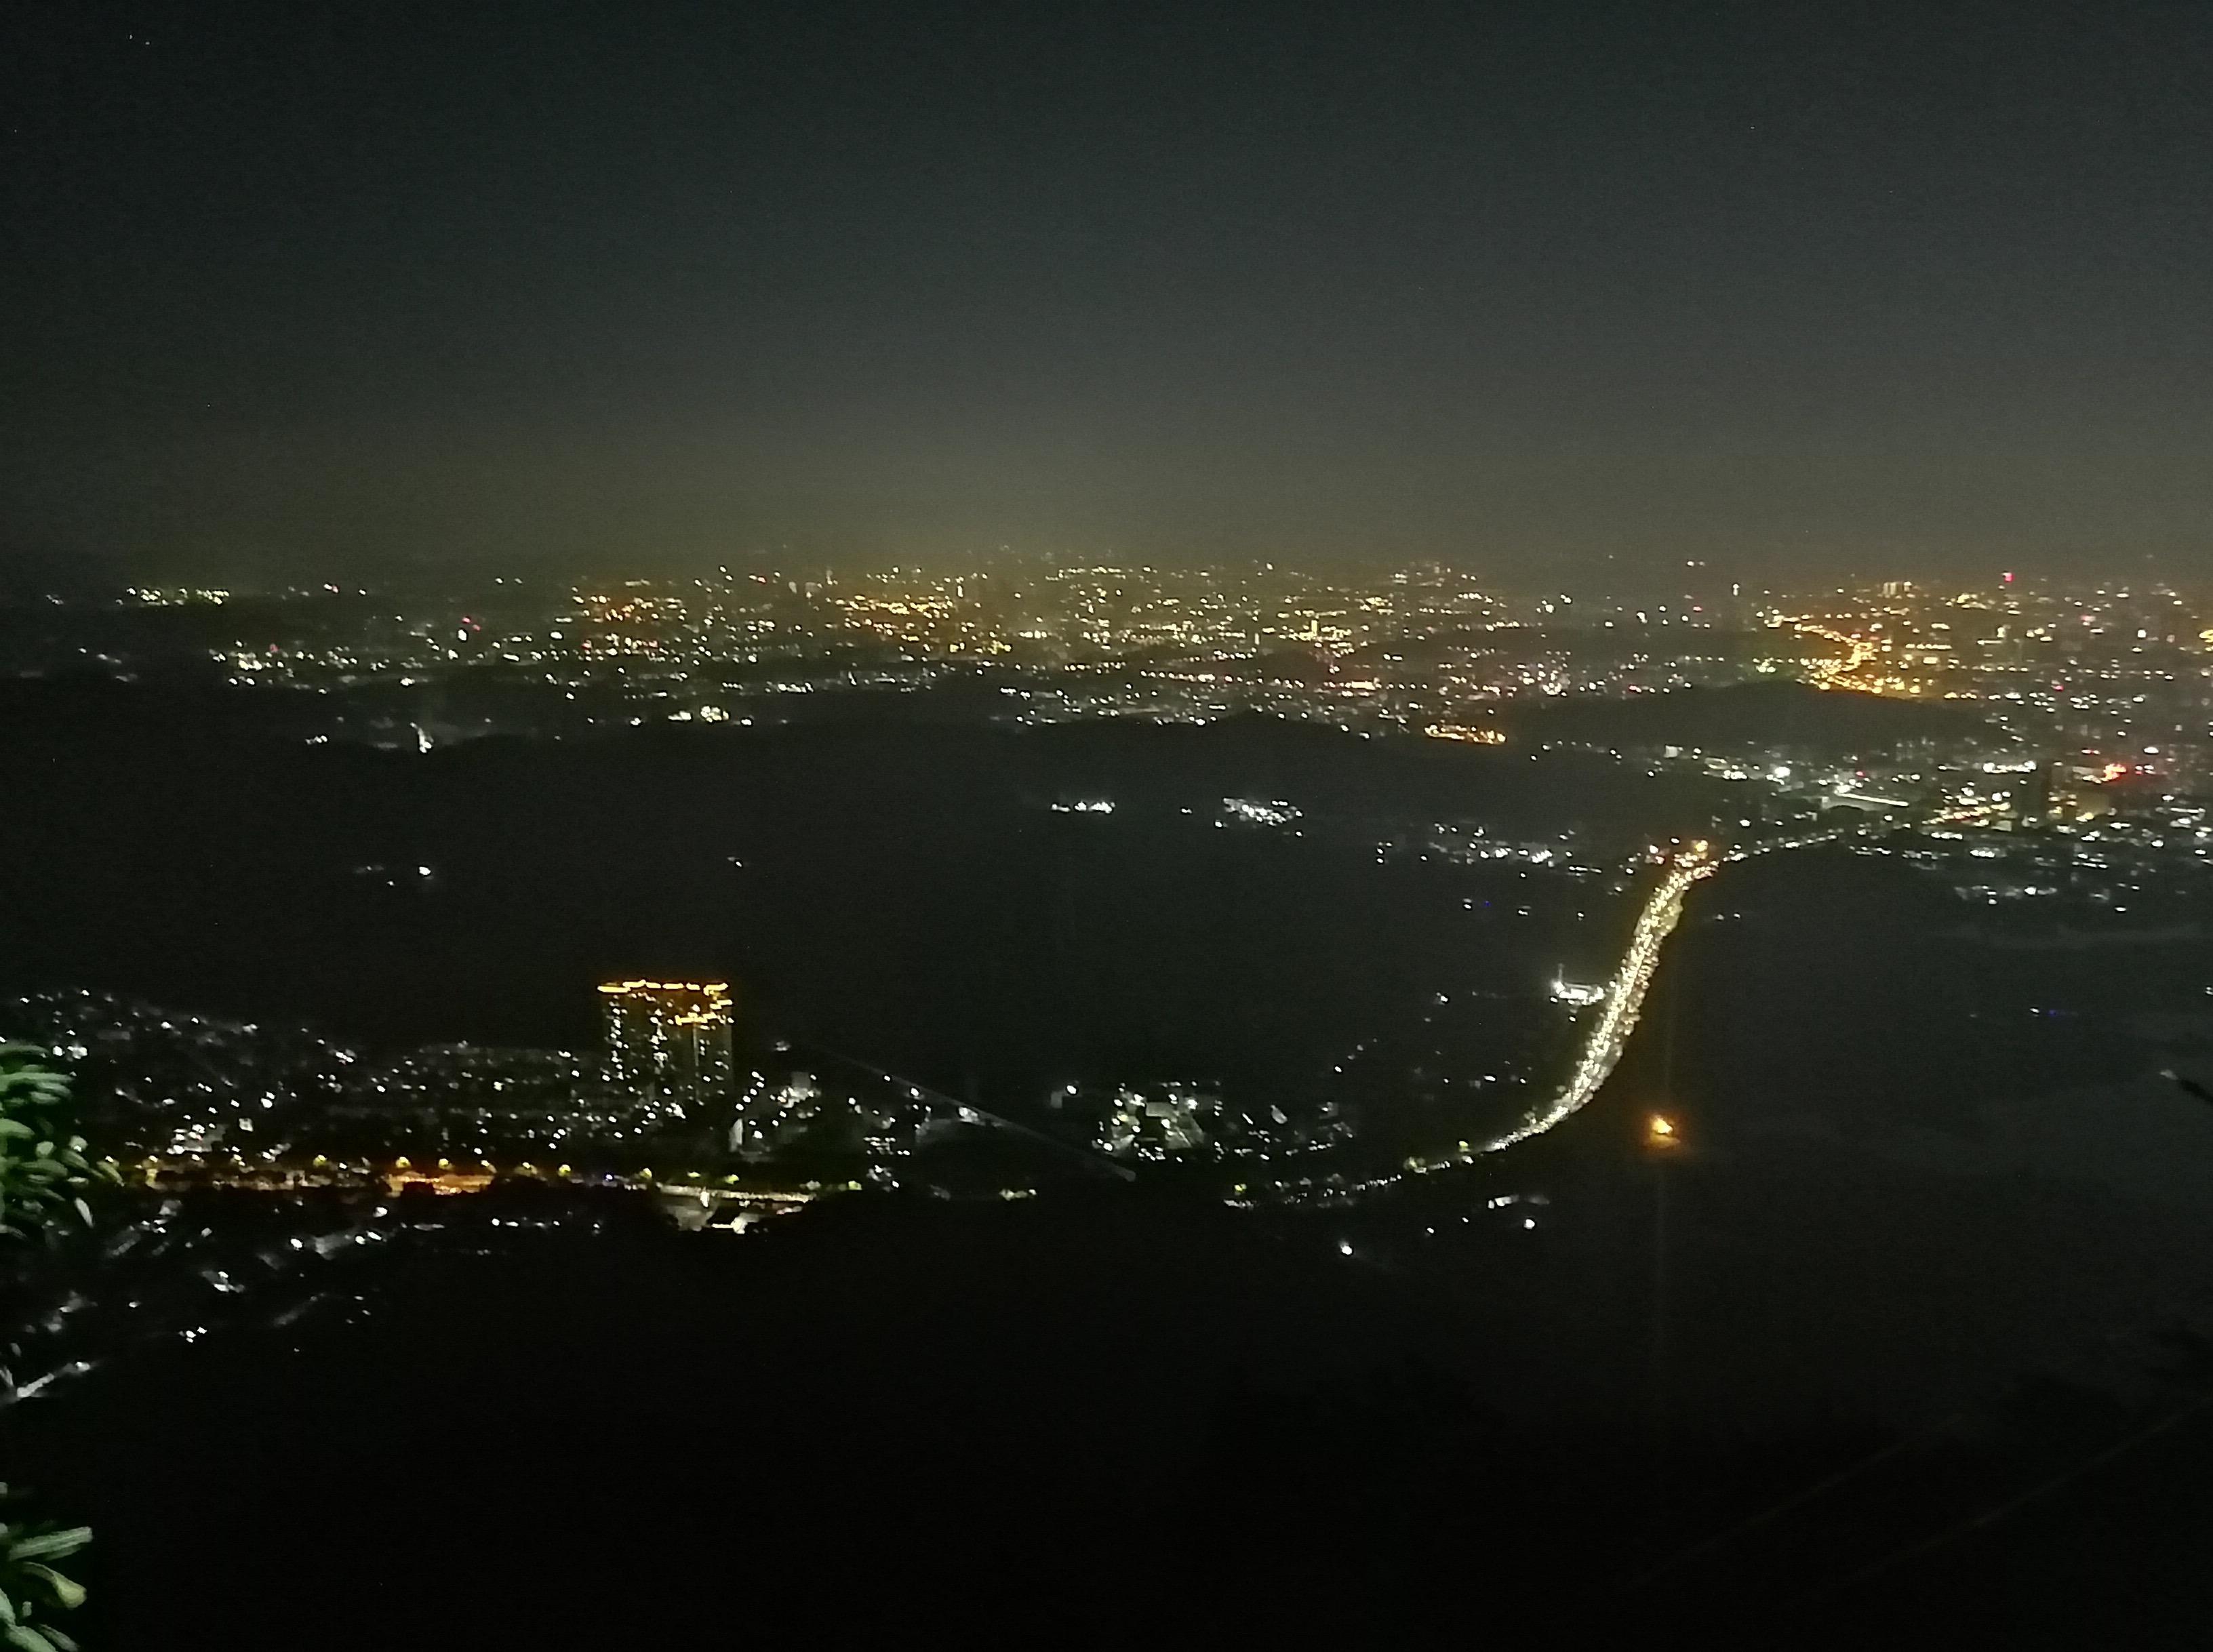 每周二夜爬莲花山